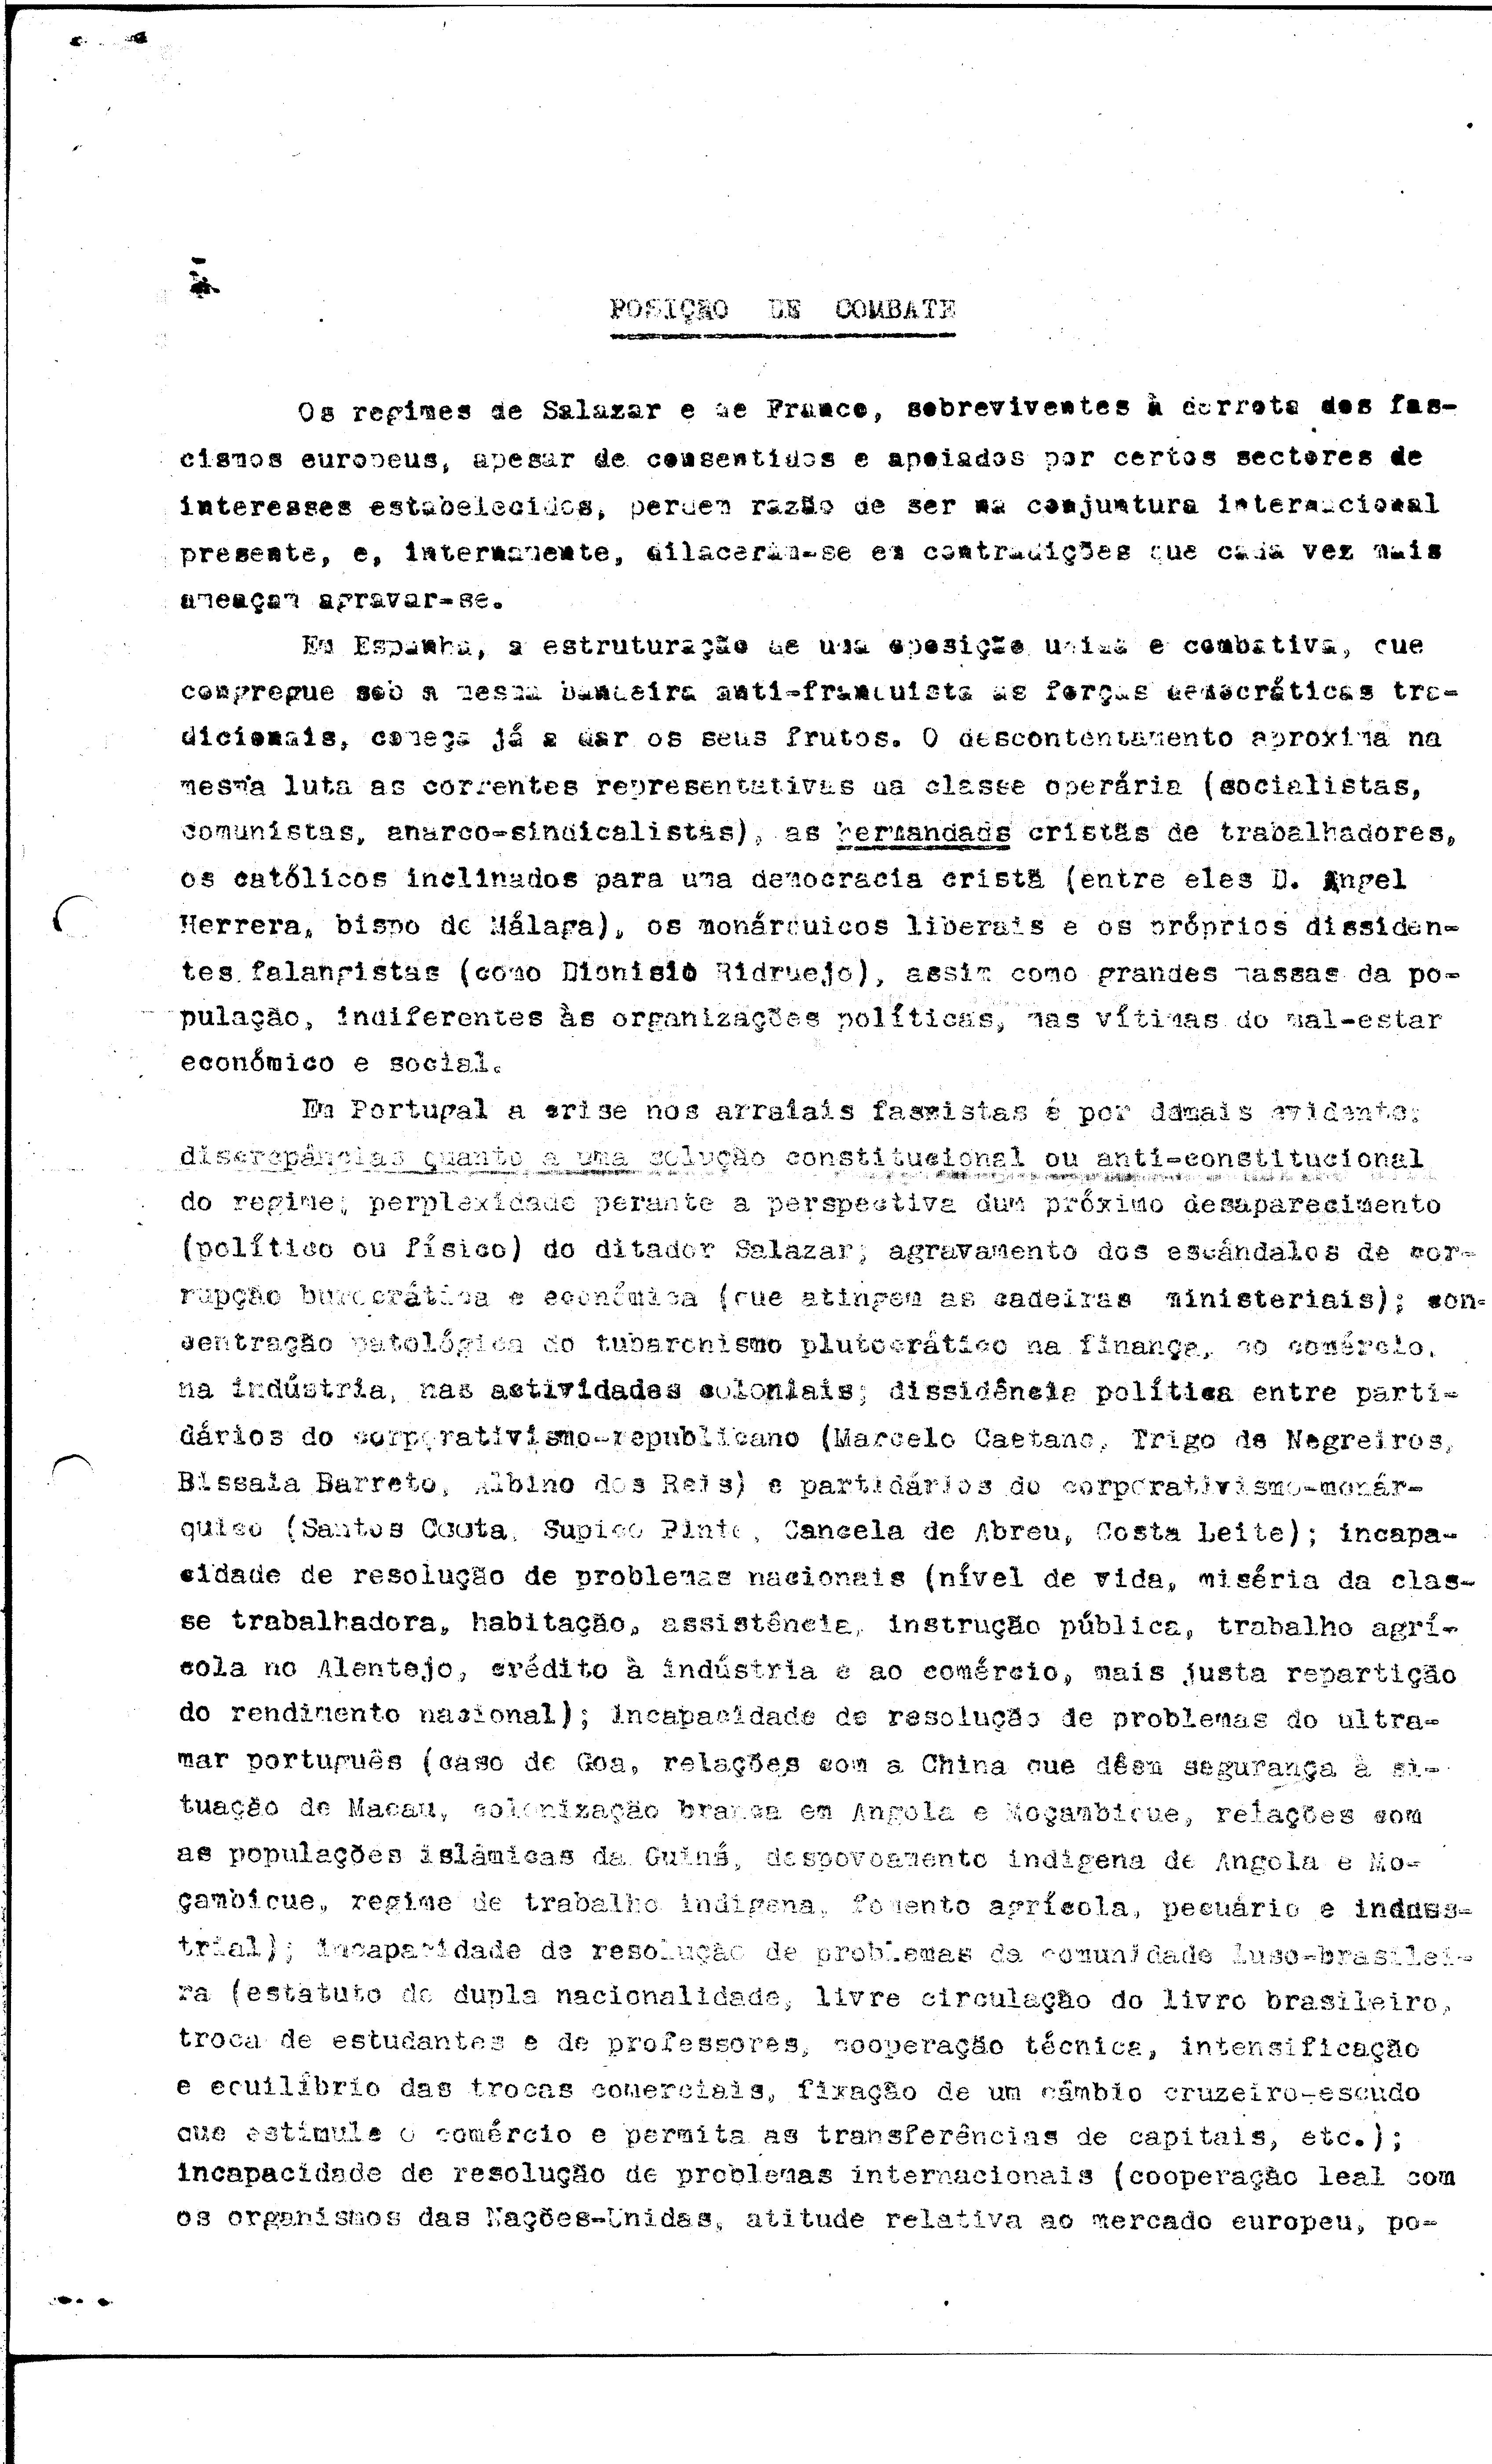 02243.013- pag.1